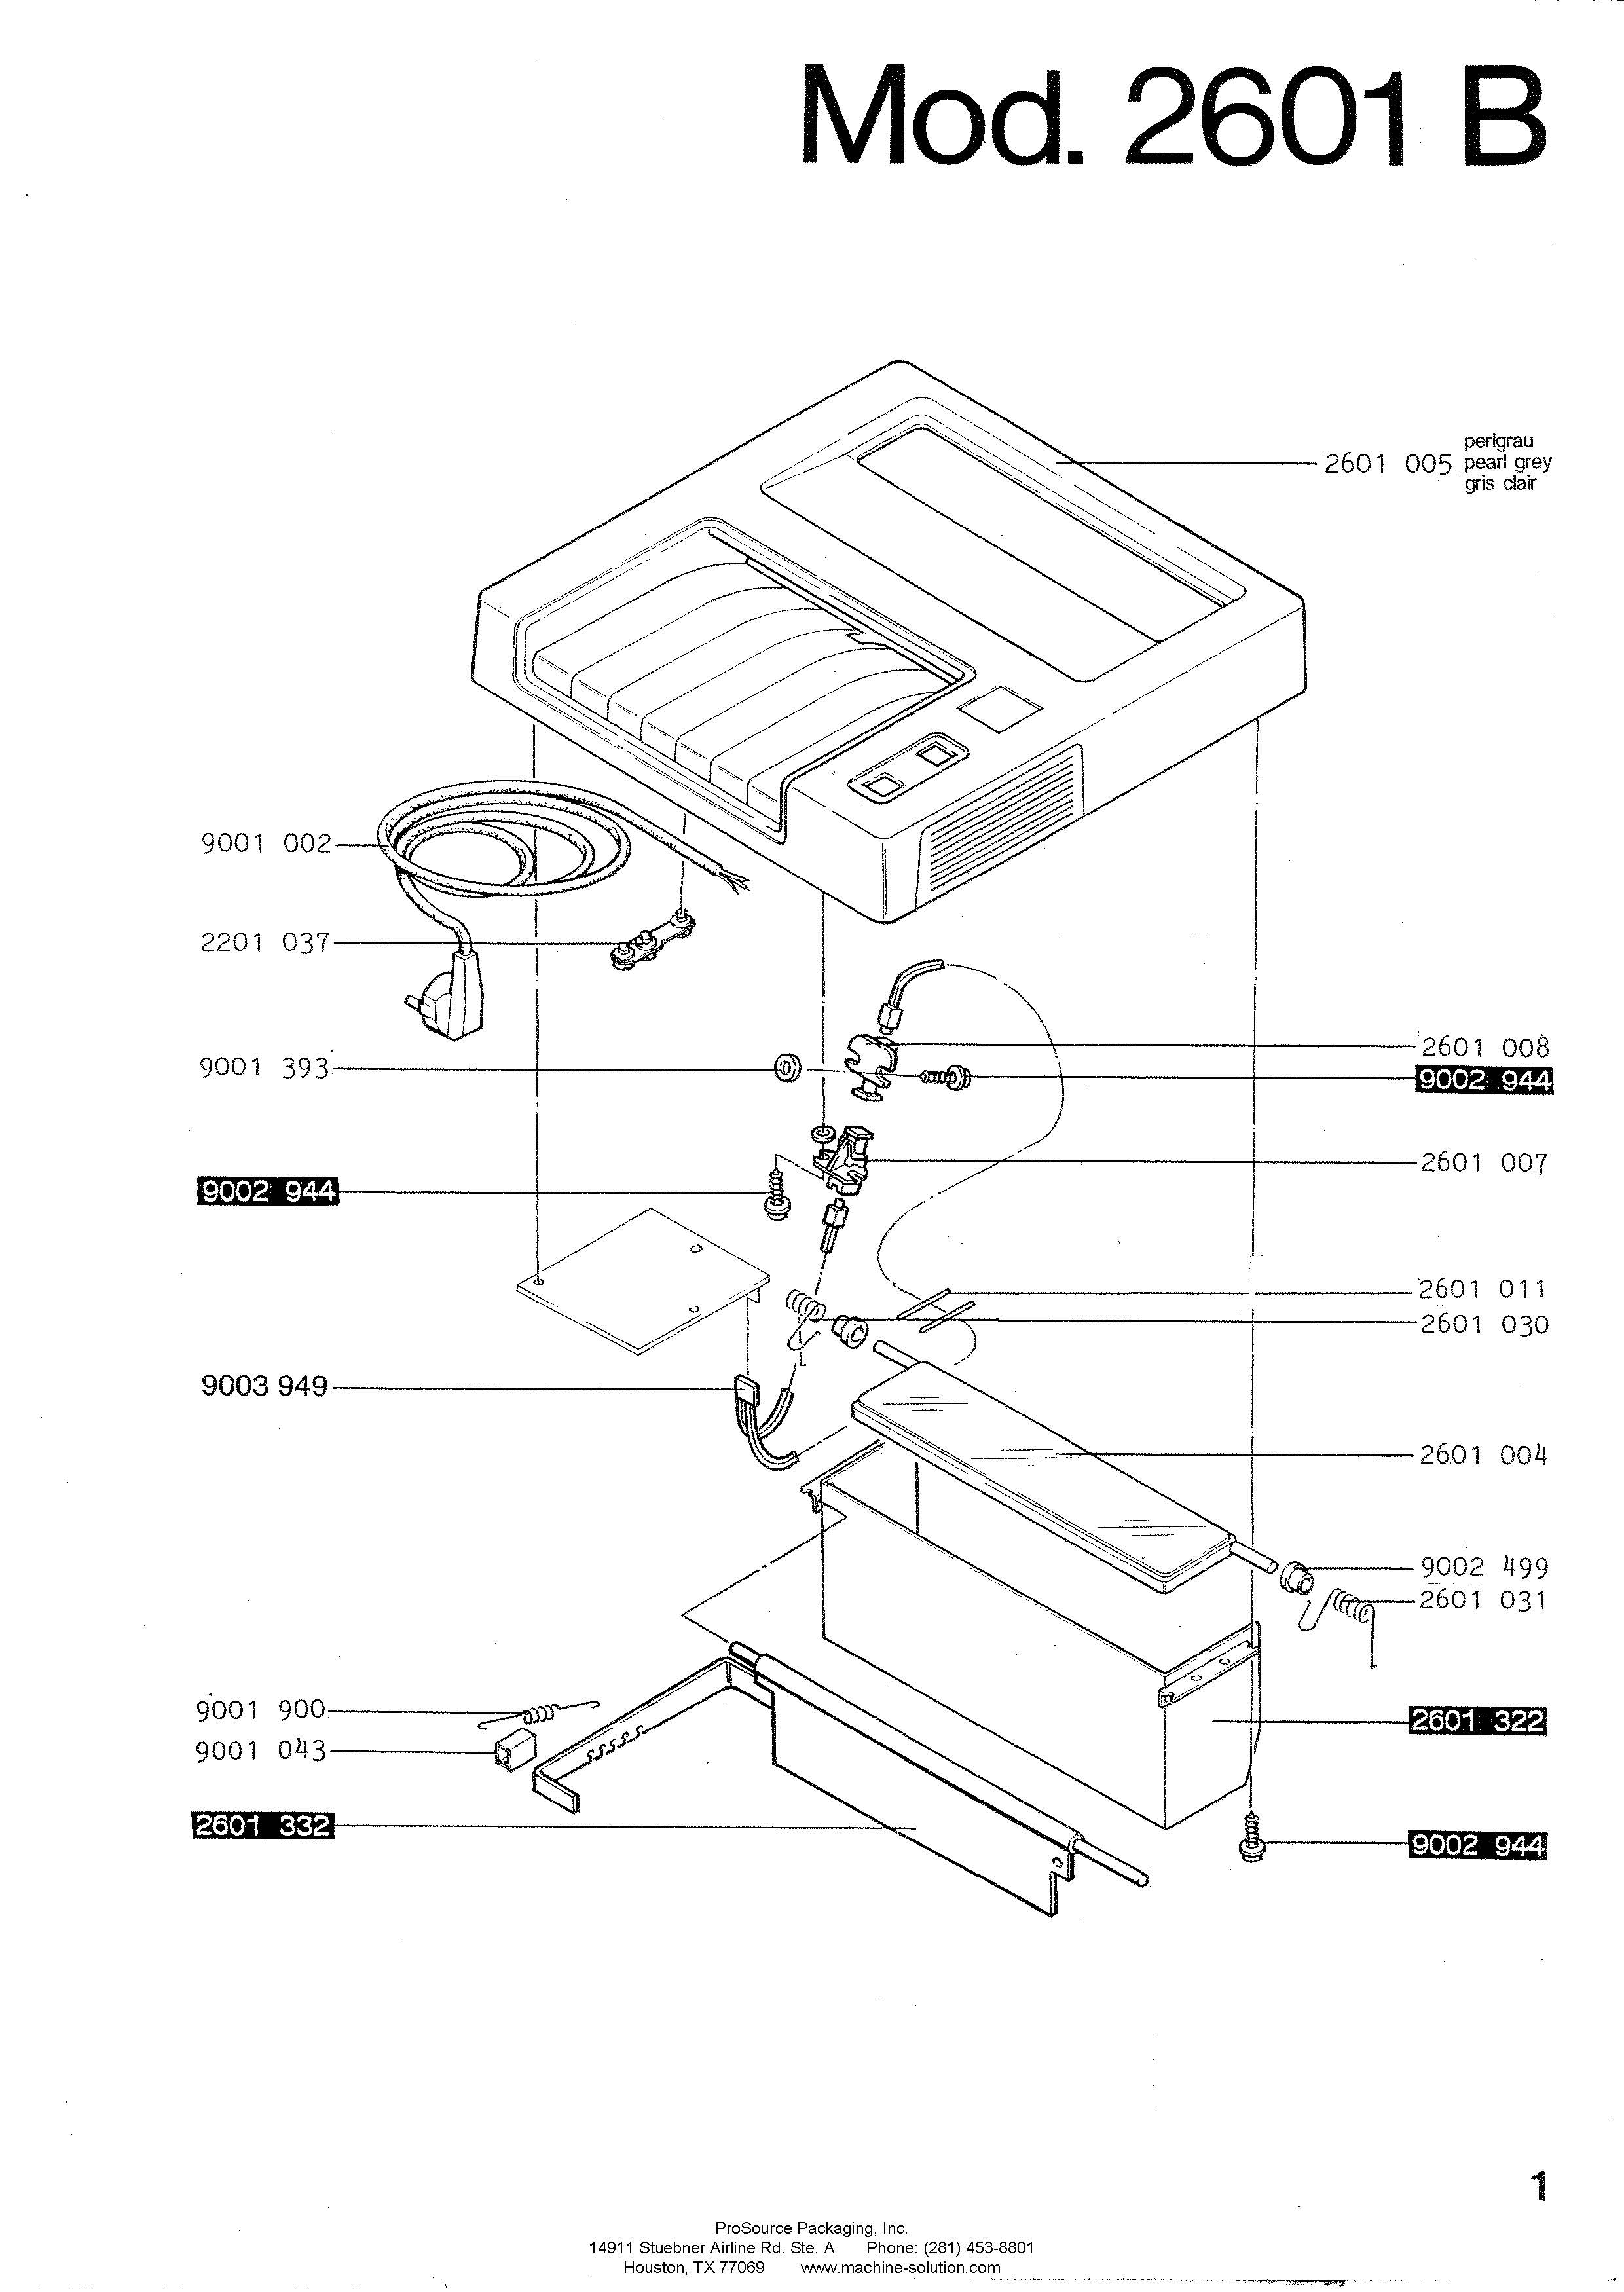 Cardboard Shredder Wiring Diagram. Cardboard Baling